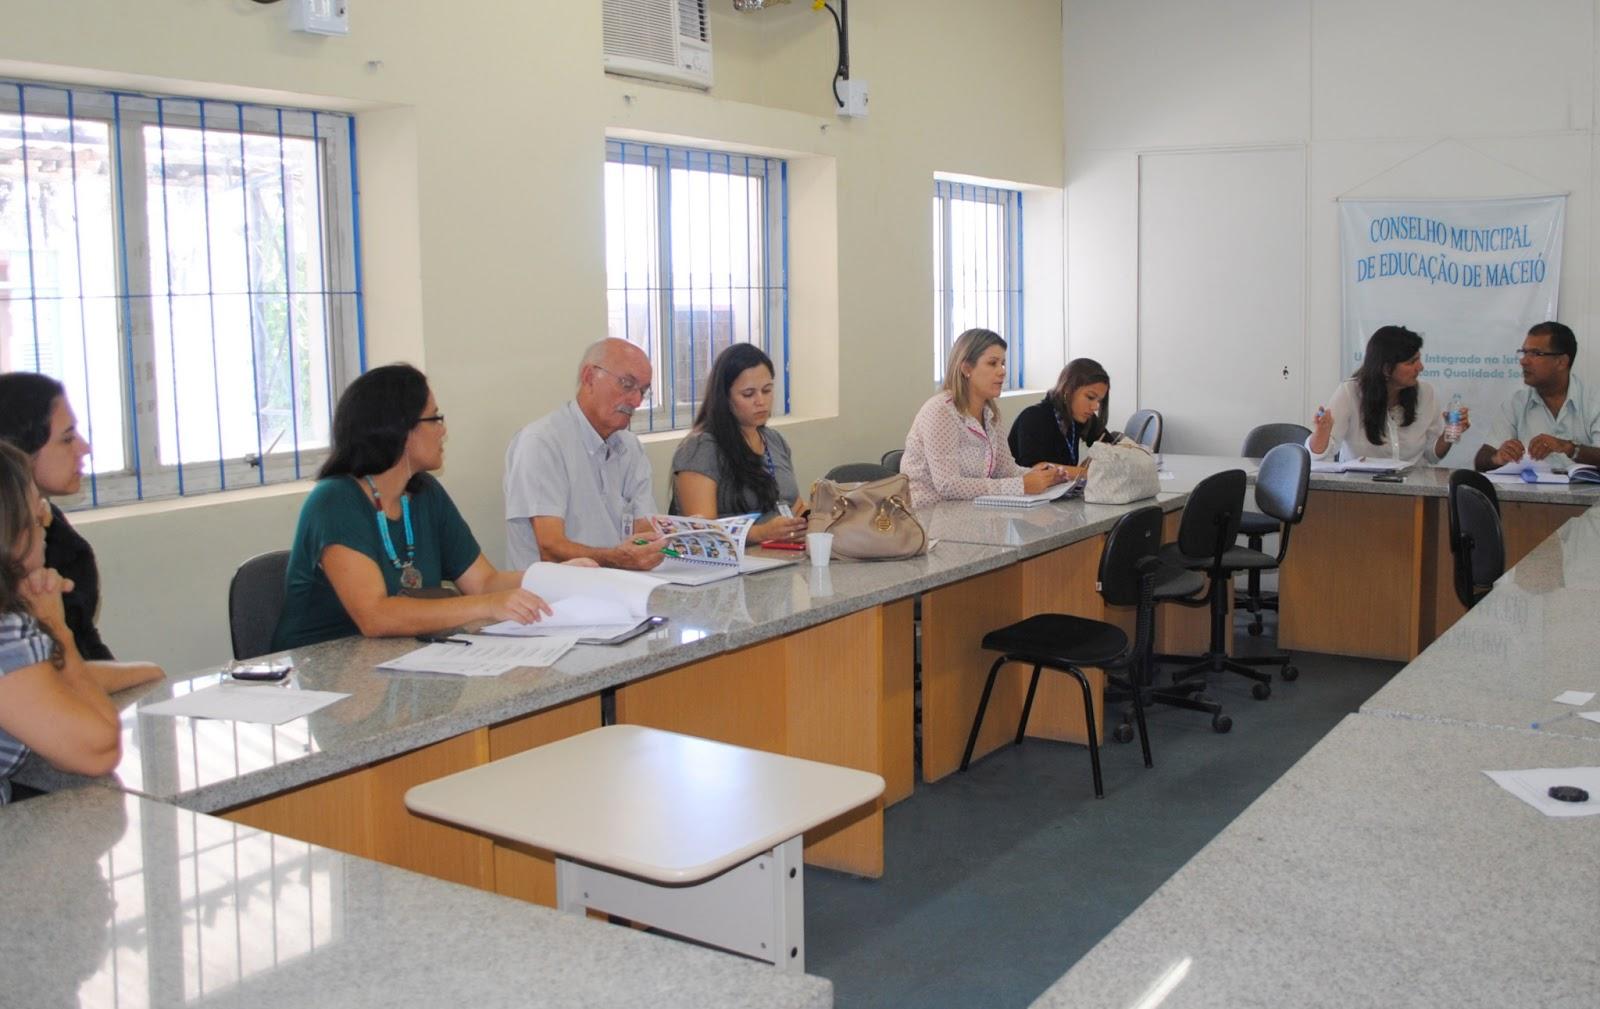 : Escolas municipais vão utilizar produtos locais na merenda escolar #926139 1600 1009